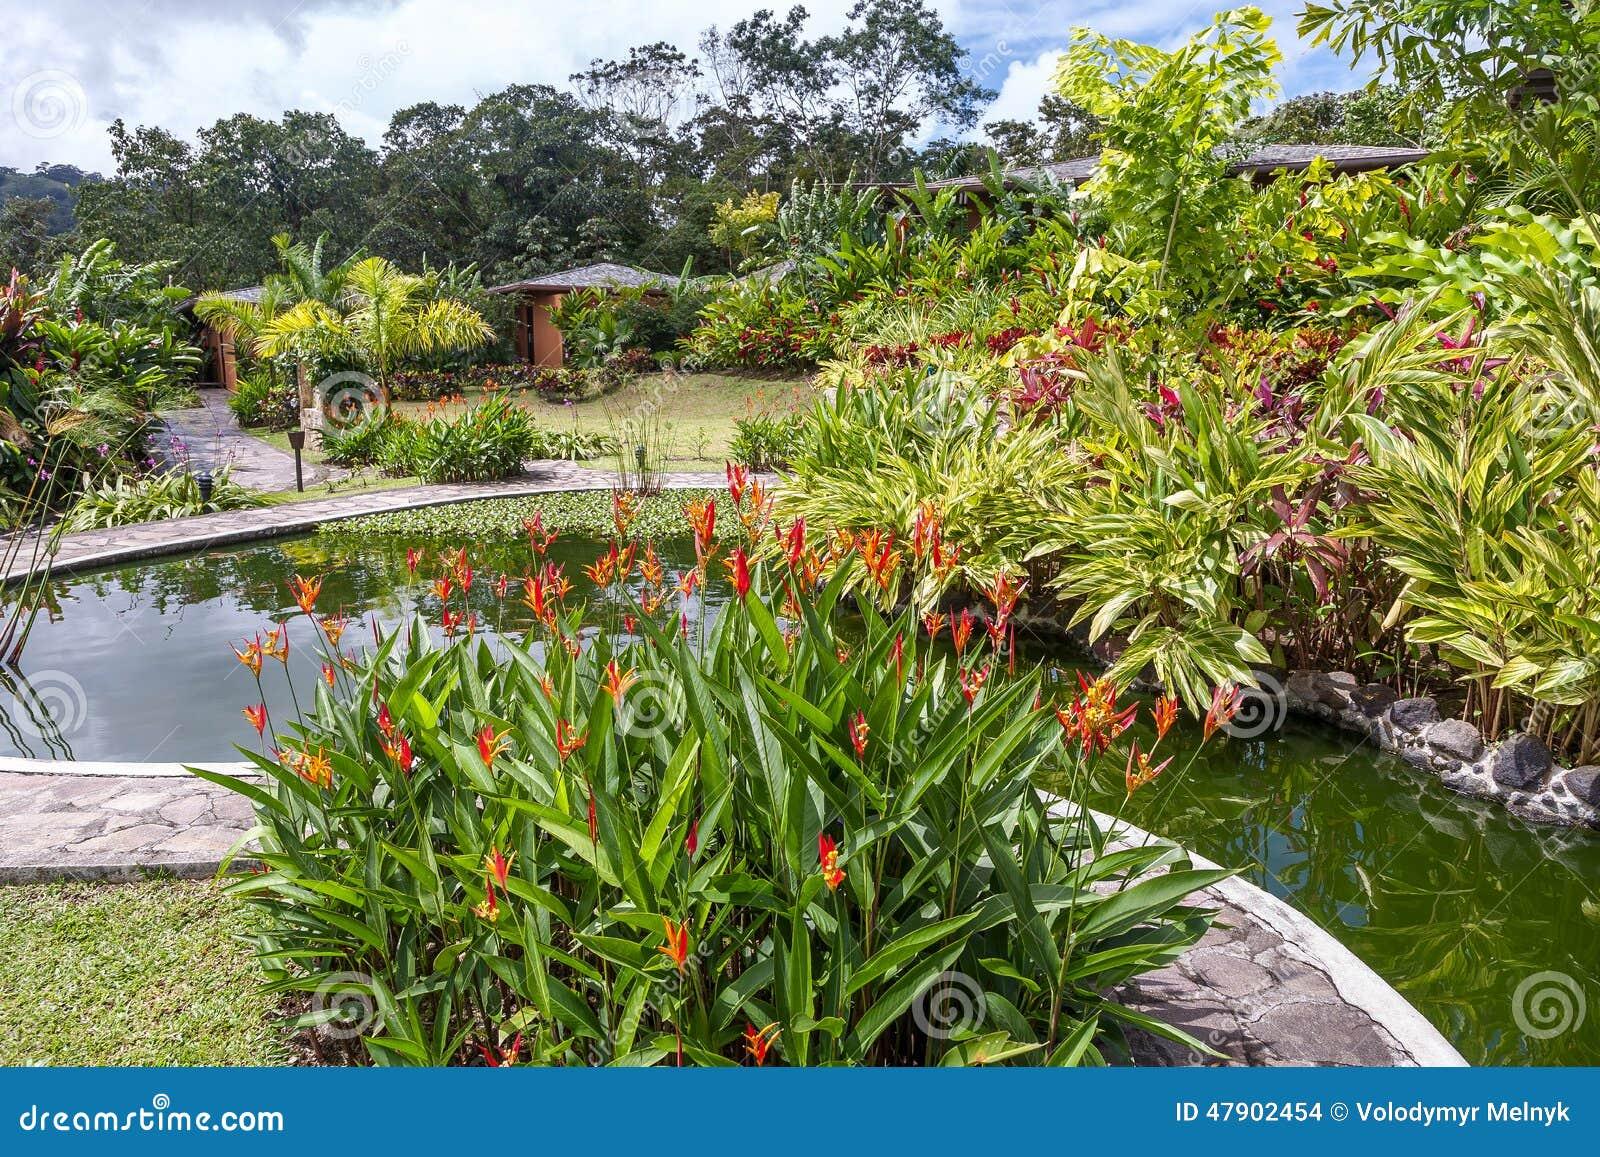 jardim flores e plantas:Jardim Com As Várias Plantas Tropicais E Flor Foto de Stock – Imagem